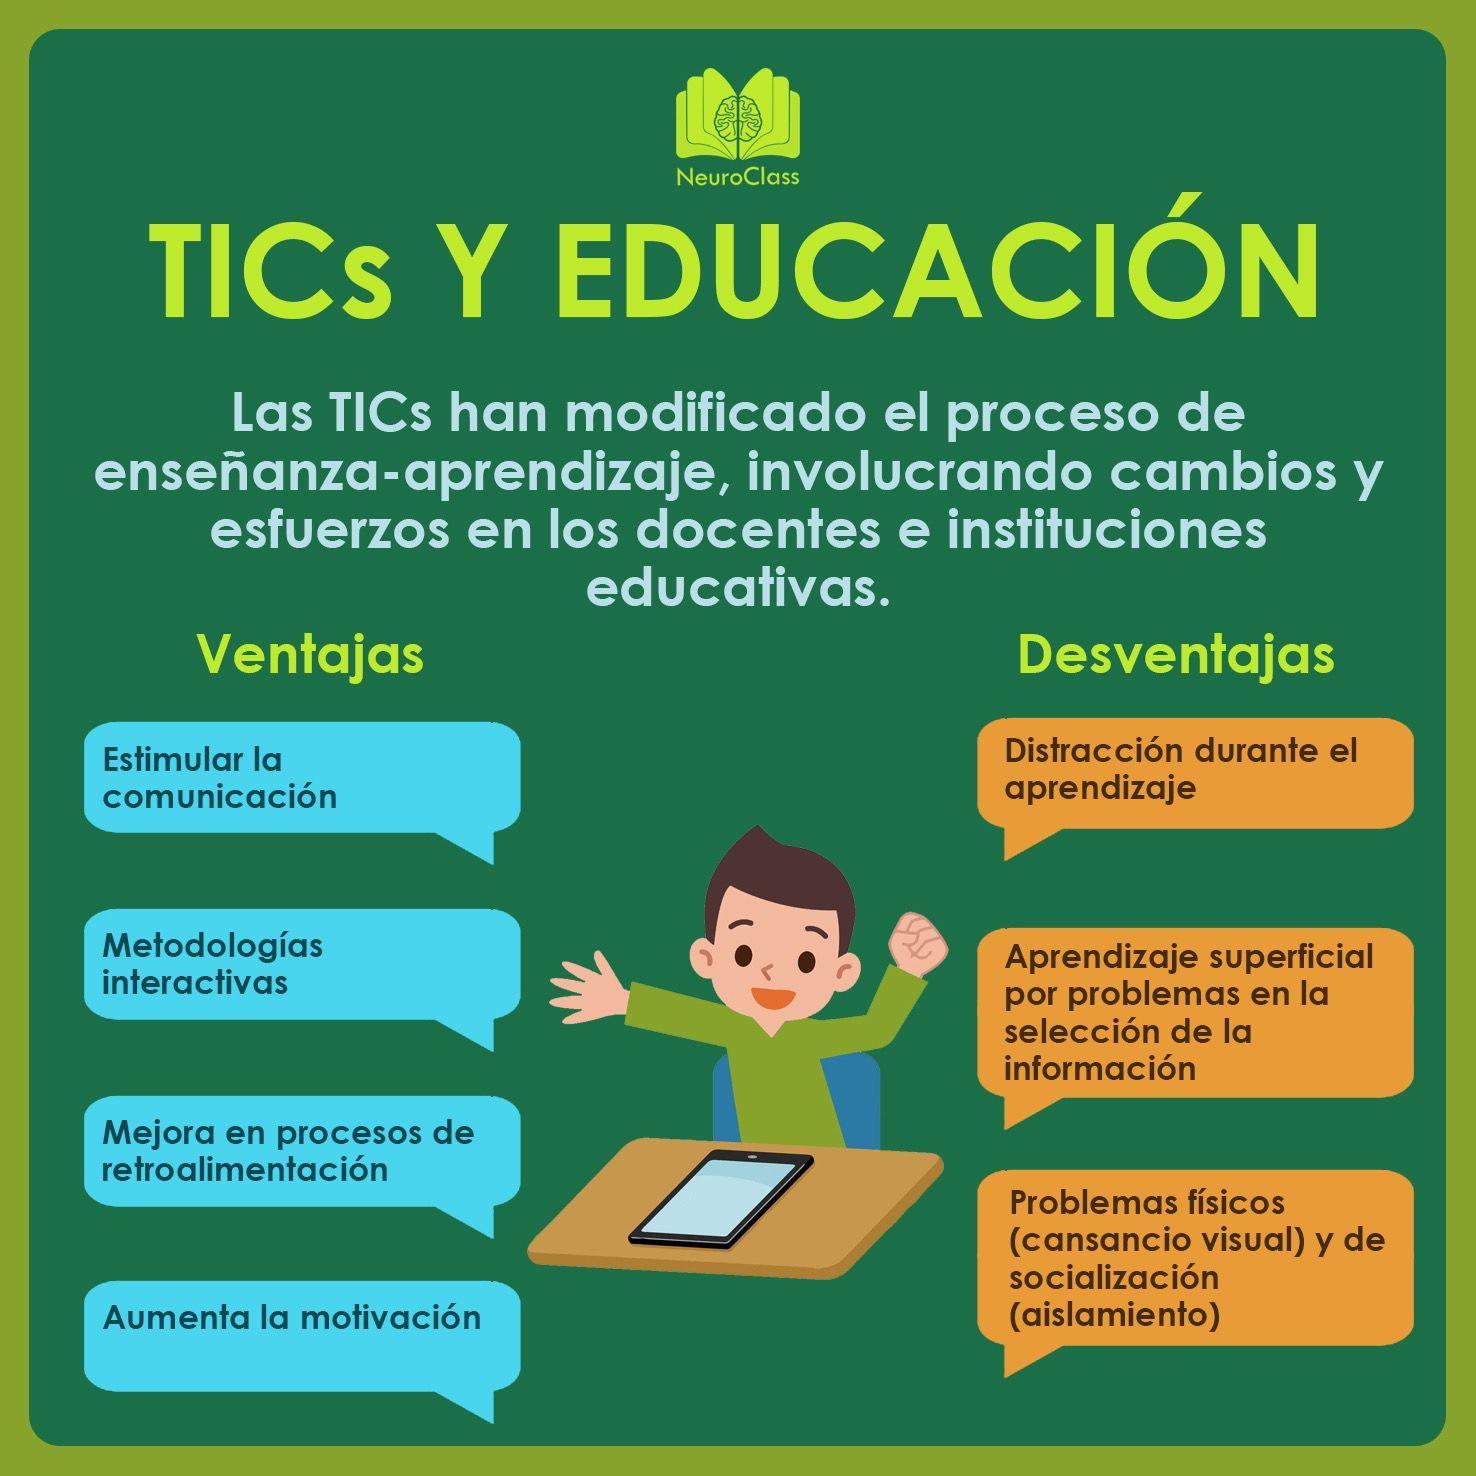 Tics Y Educación Neurociencia Y Educacion Aprendizaje Educacion